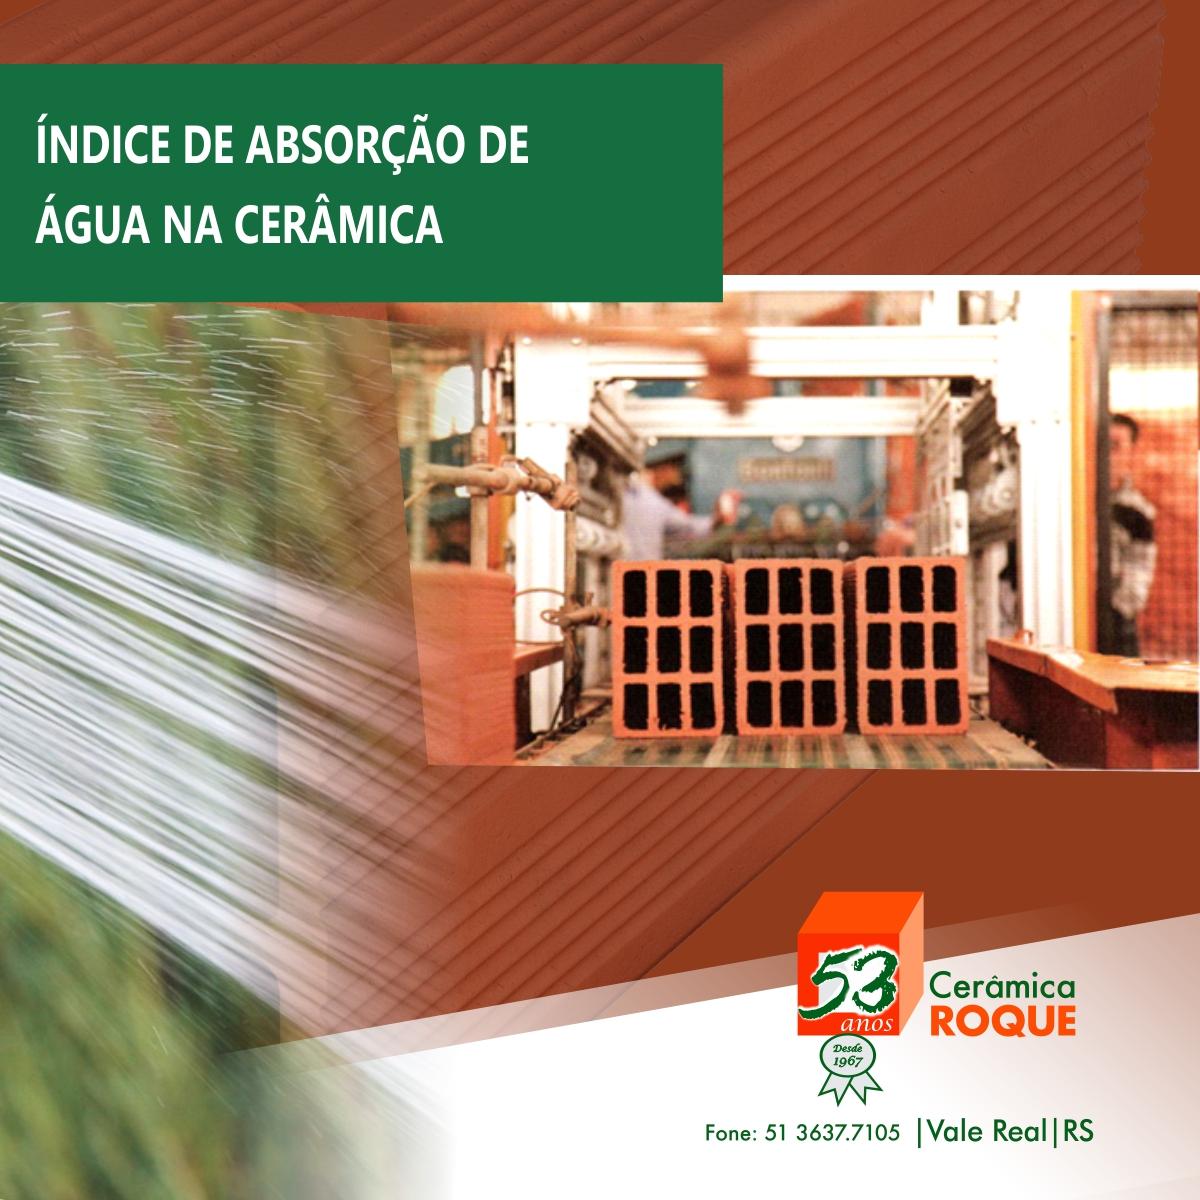 O índice de absorção de água é um indicador da qualidade do produto bastante significativo do processo de produção cerâmica.